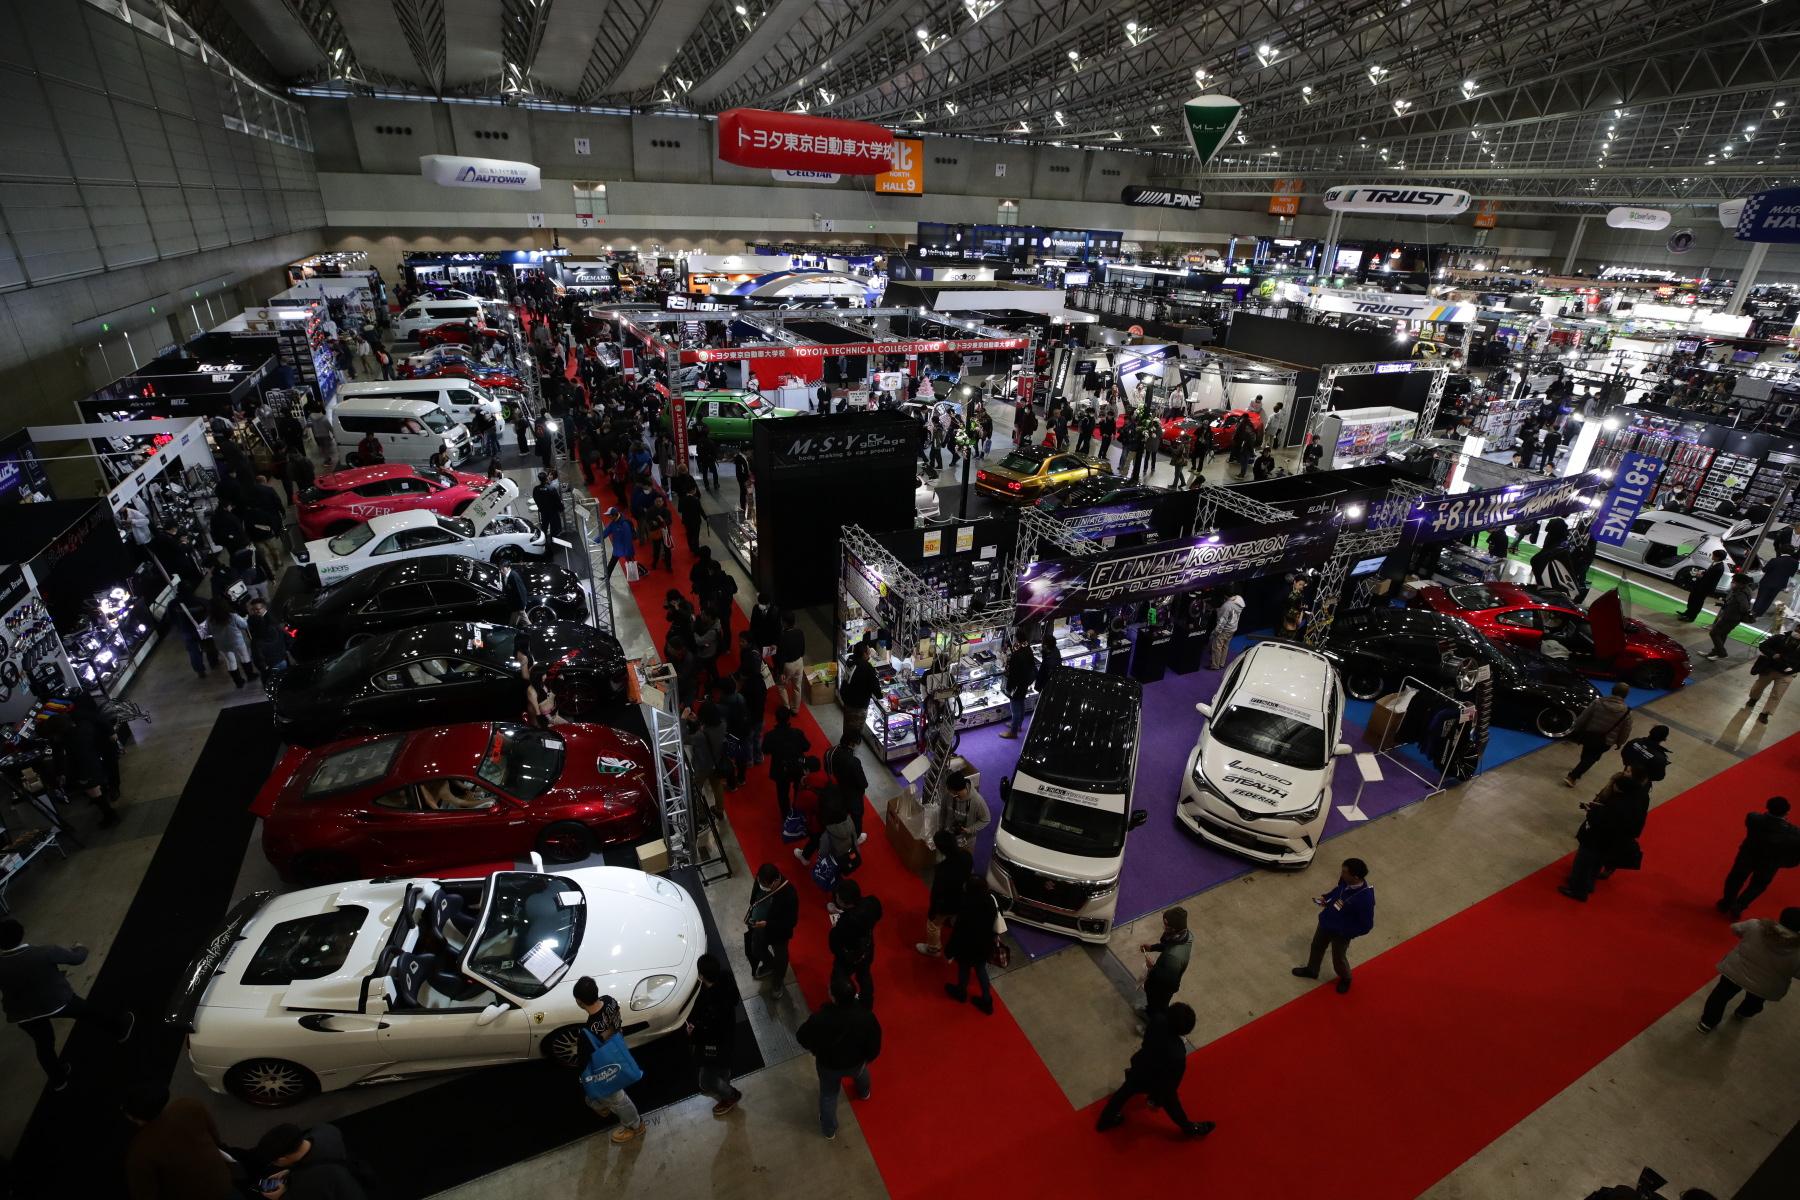 2018 01 13 tokyo auto salon 2018 for Salon auto 2018